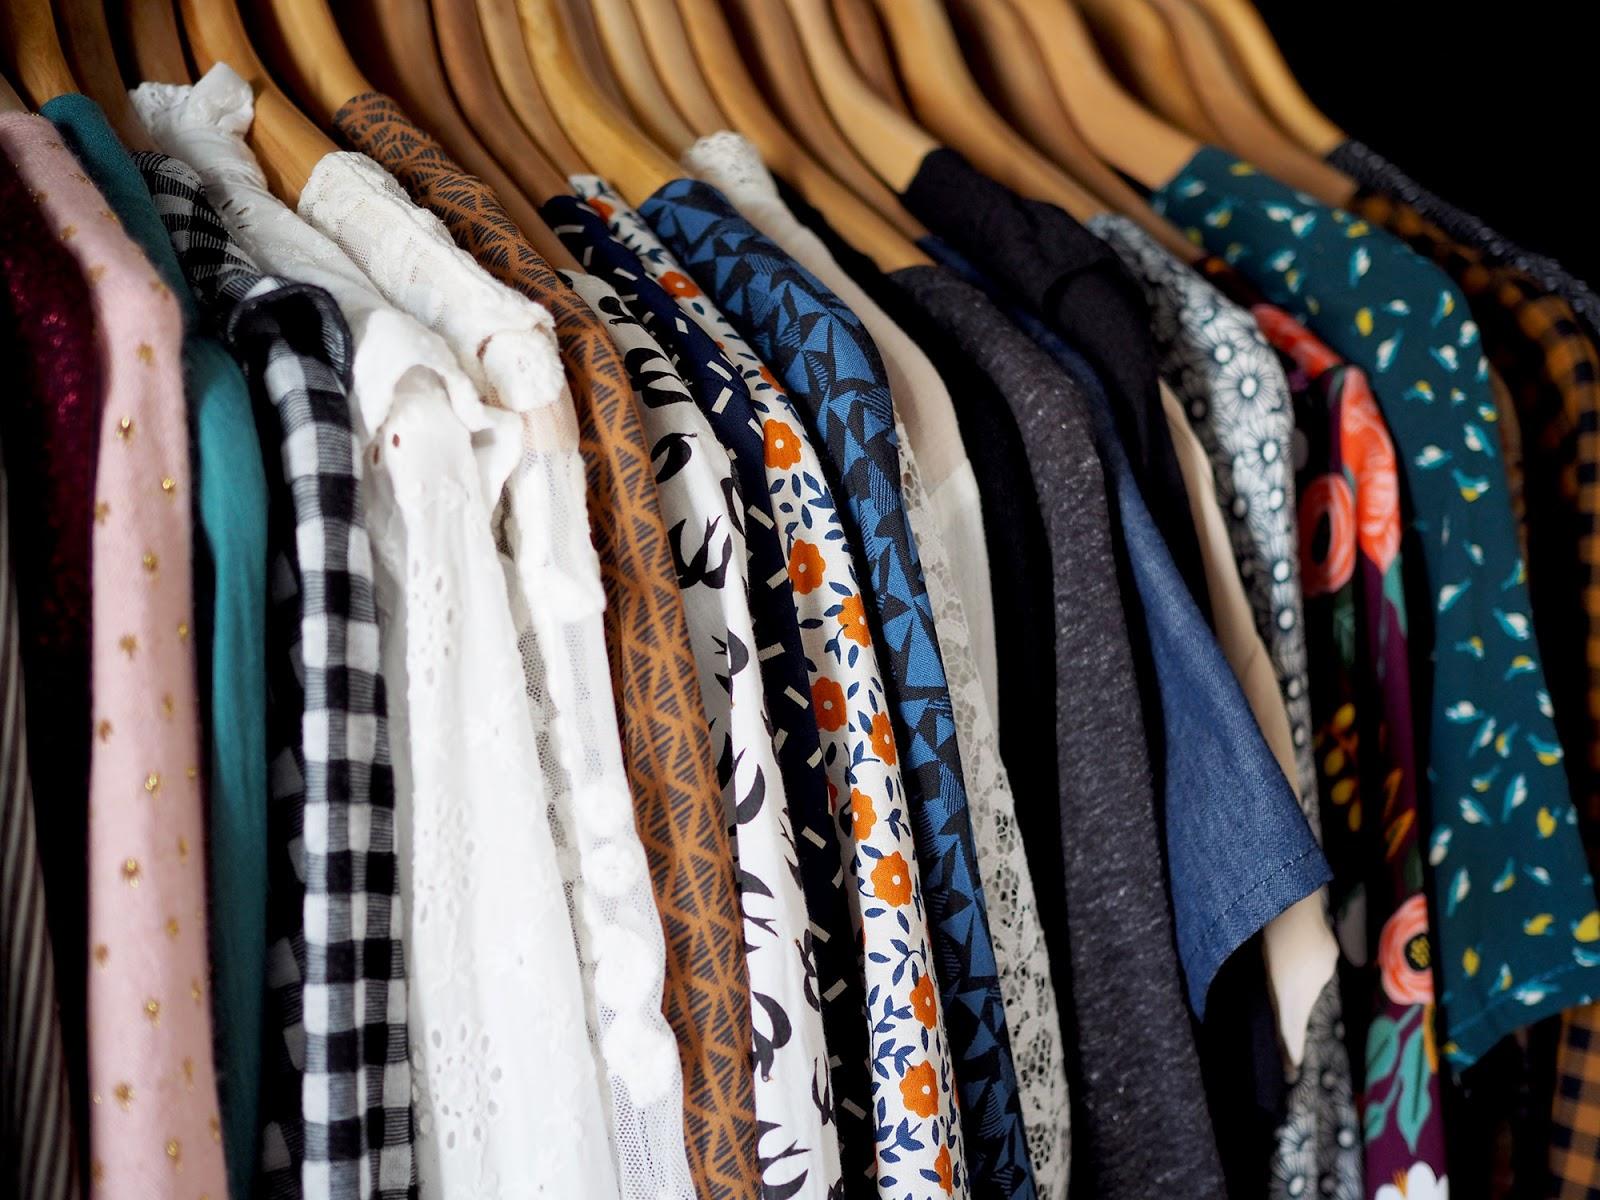 eefa84f8cc43 Deux fois par an, je fais un gros rangement dans mon dressing. En début de  printemps et d automne, je sors pour les 6 mois à venir tous les vêtements  dont ...